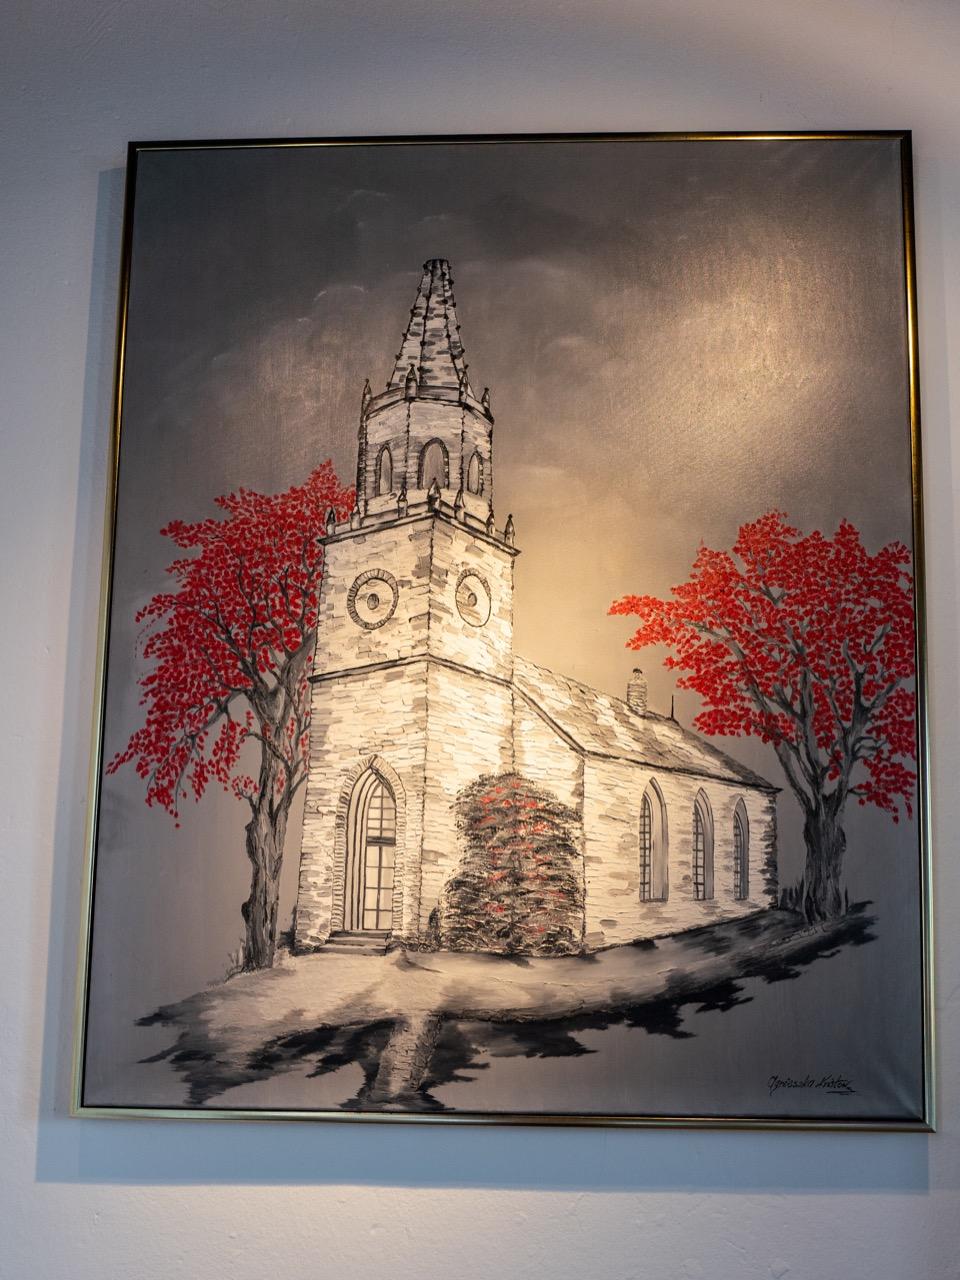 Bild von der Kirche neben dem Eingang